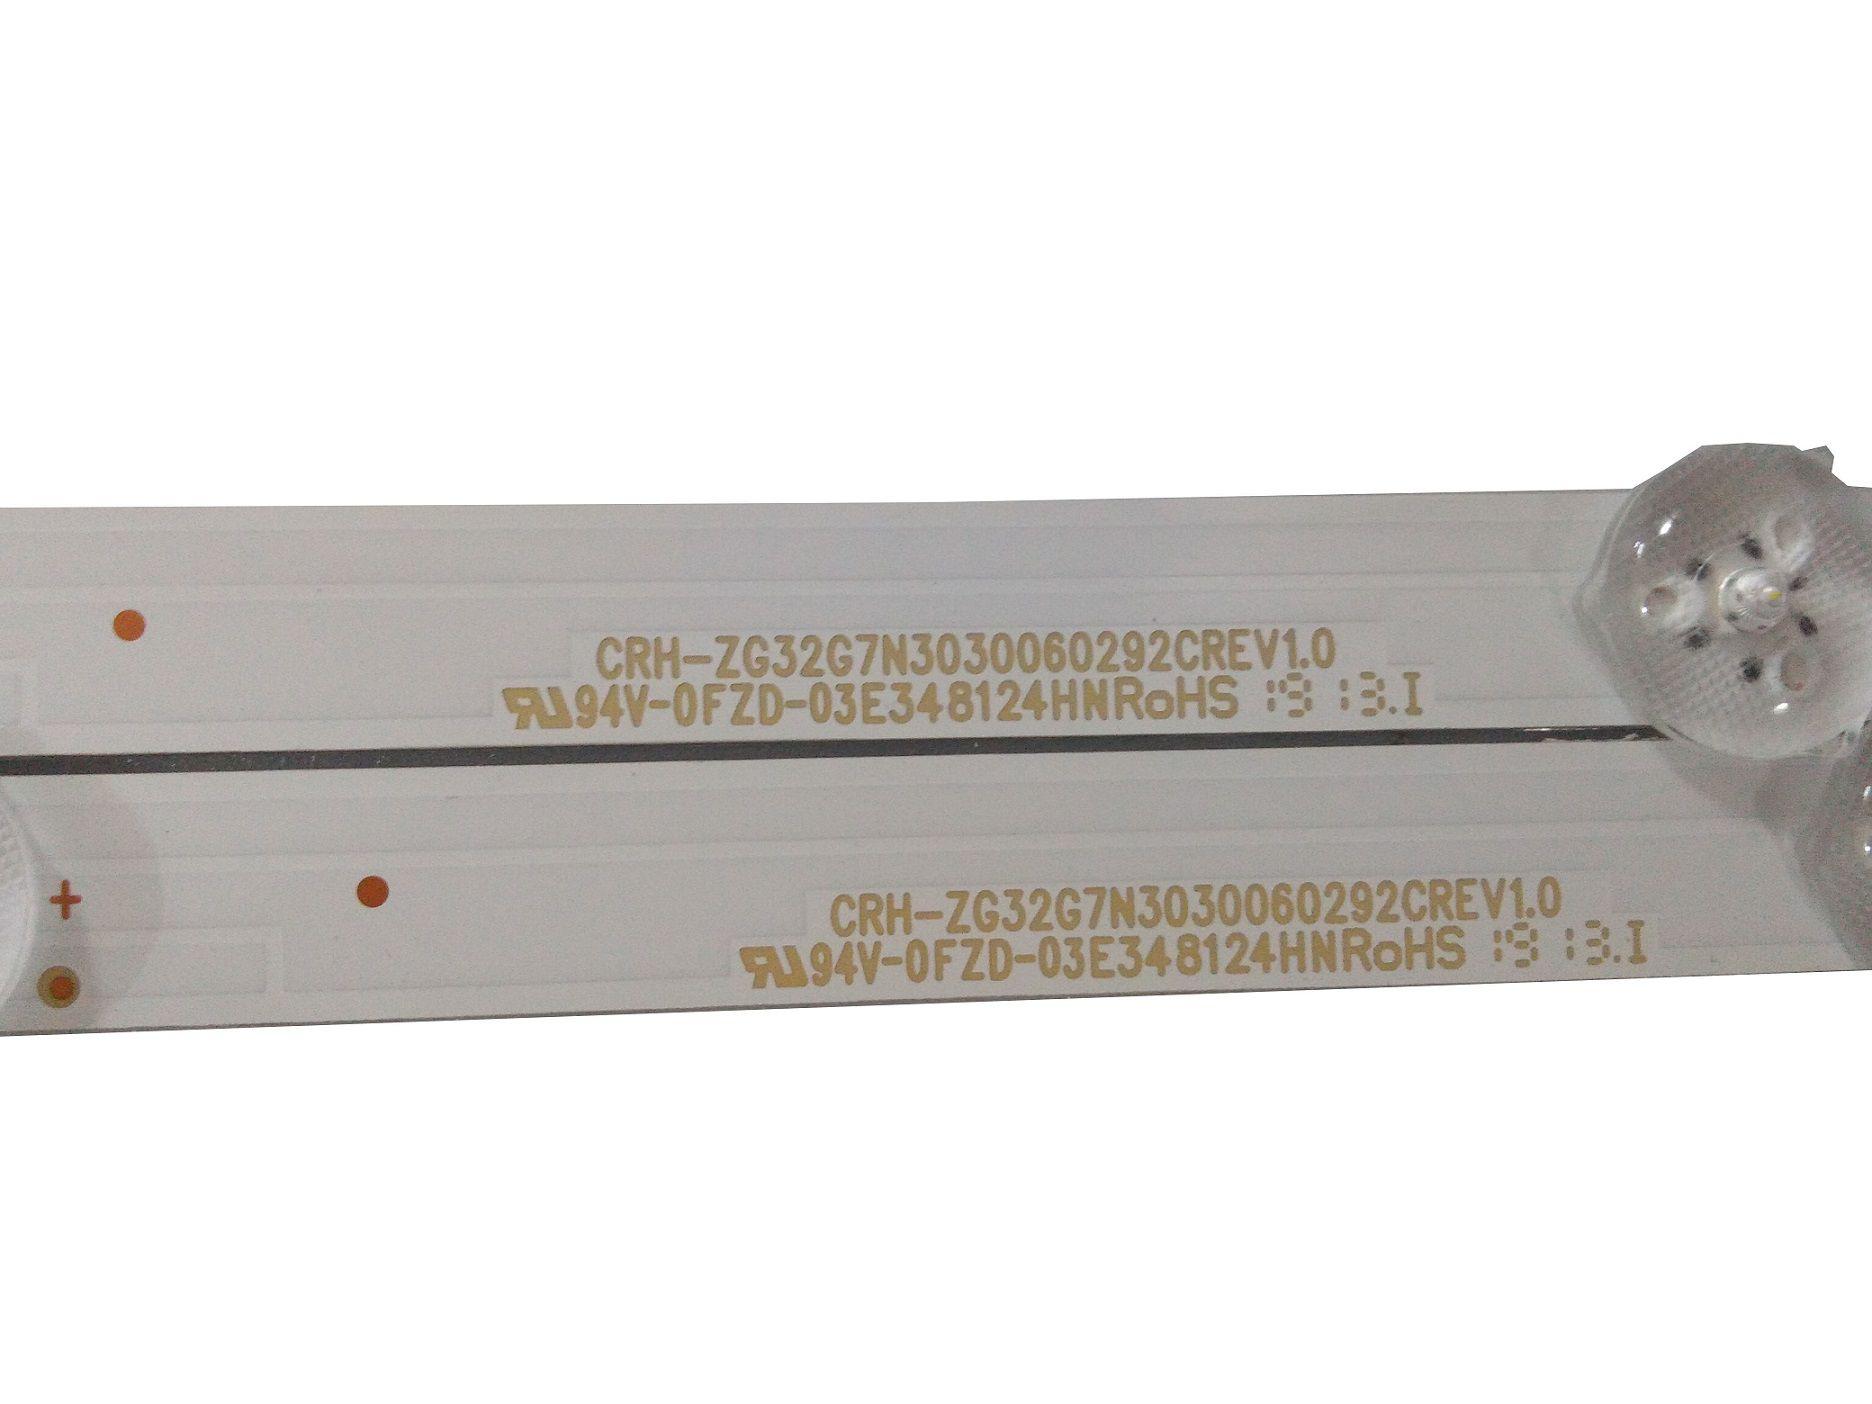 KIT BARRA DE LED PHILCO PTV32G60SNBL PTV32G60